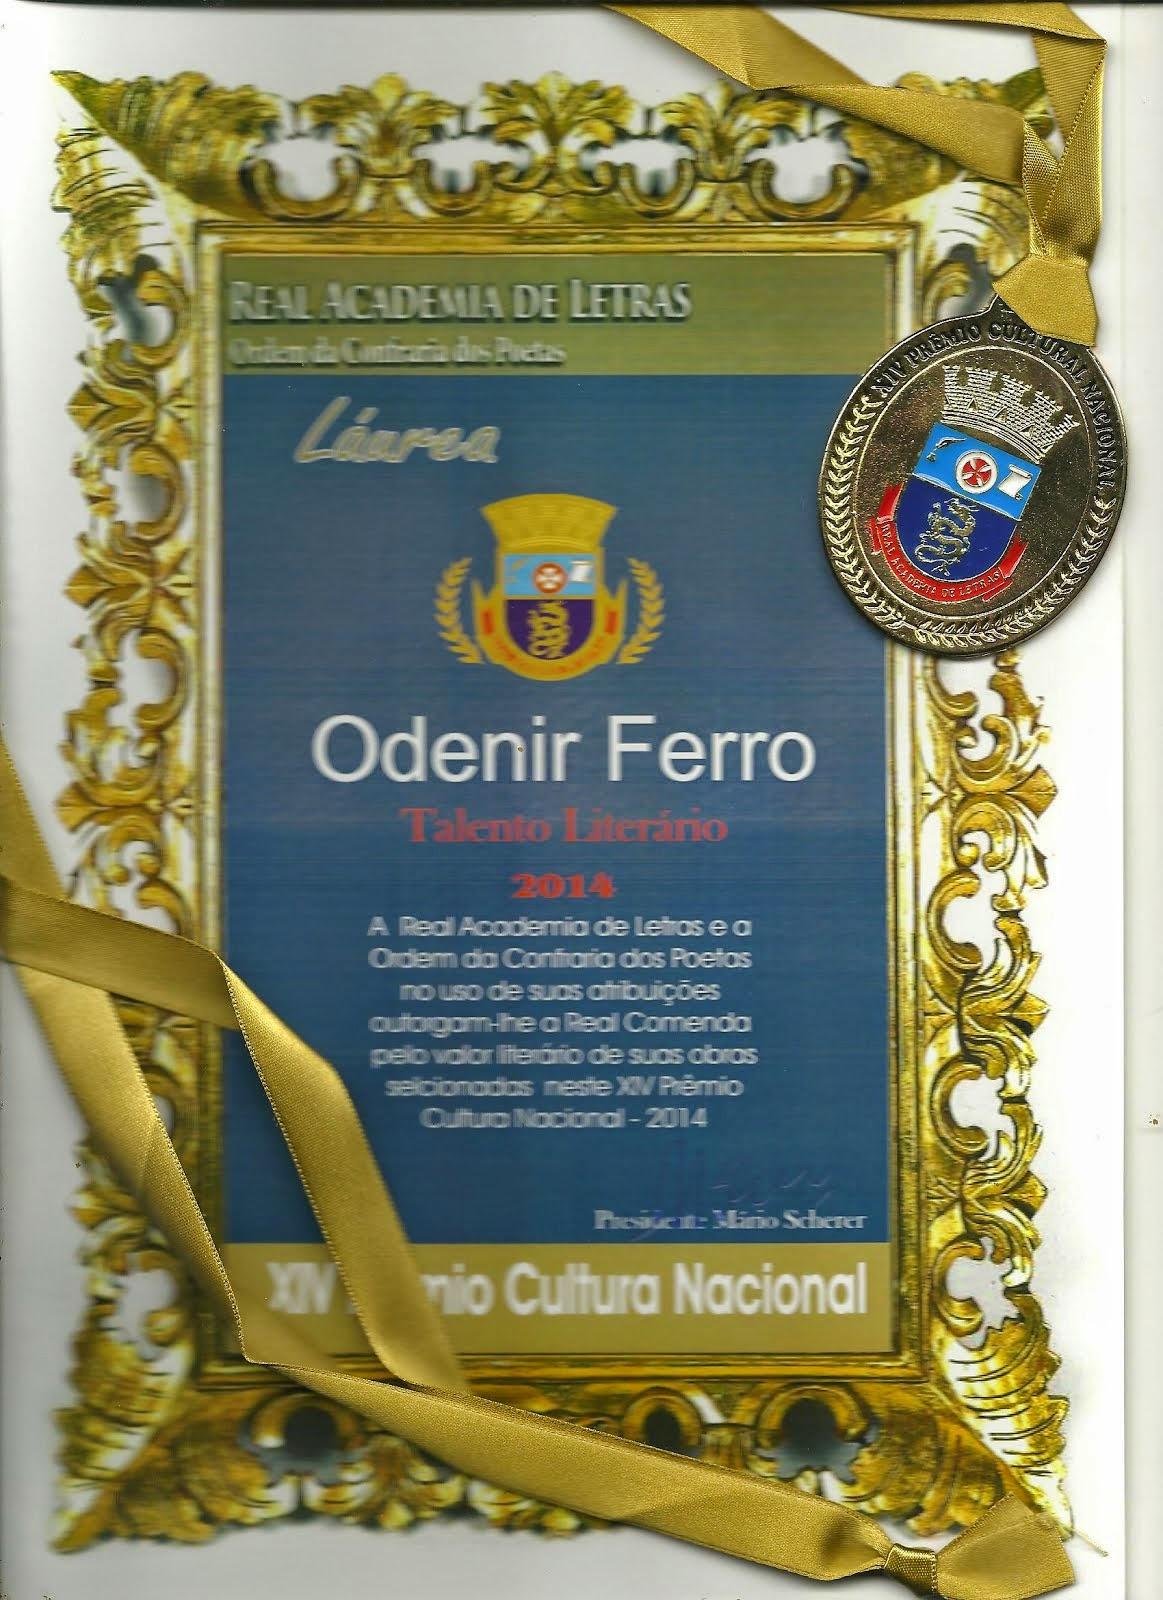 Real Academia de Letras Ordem da Confraria dos Poetas 2014